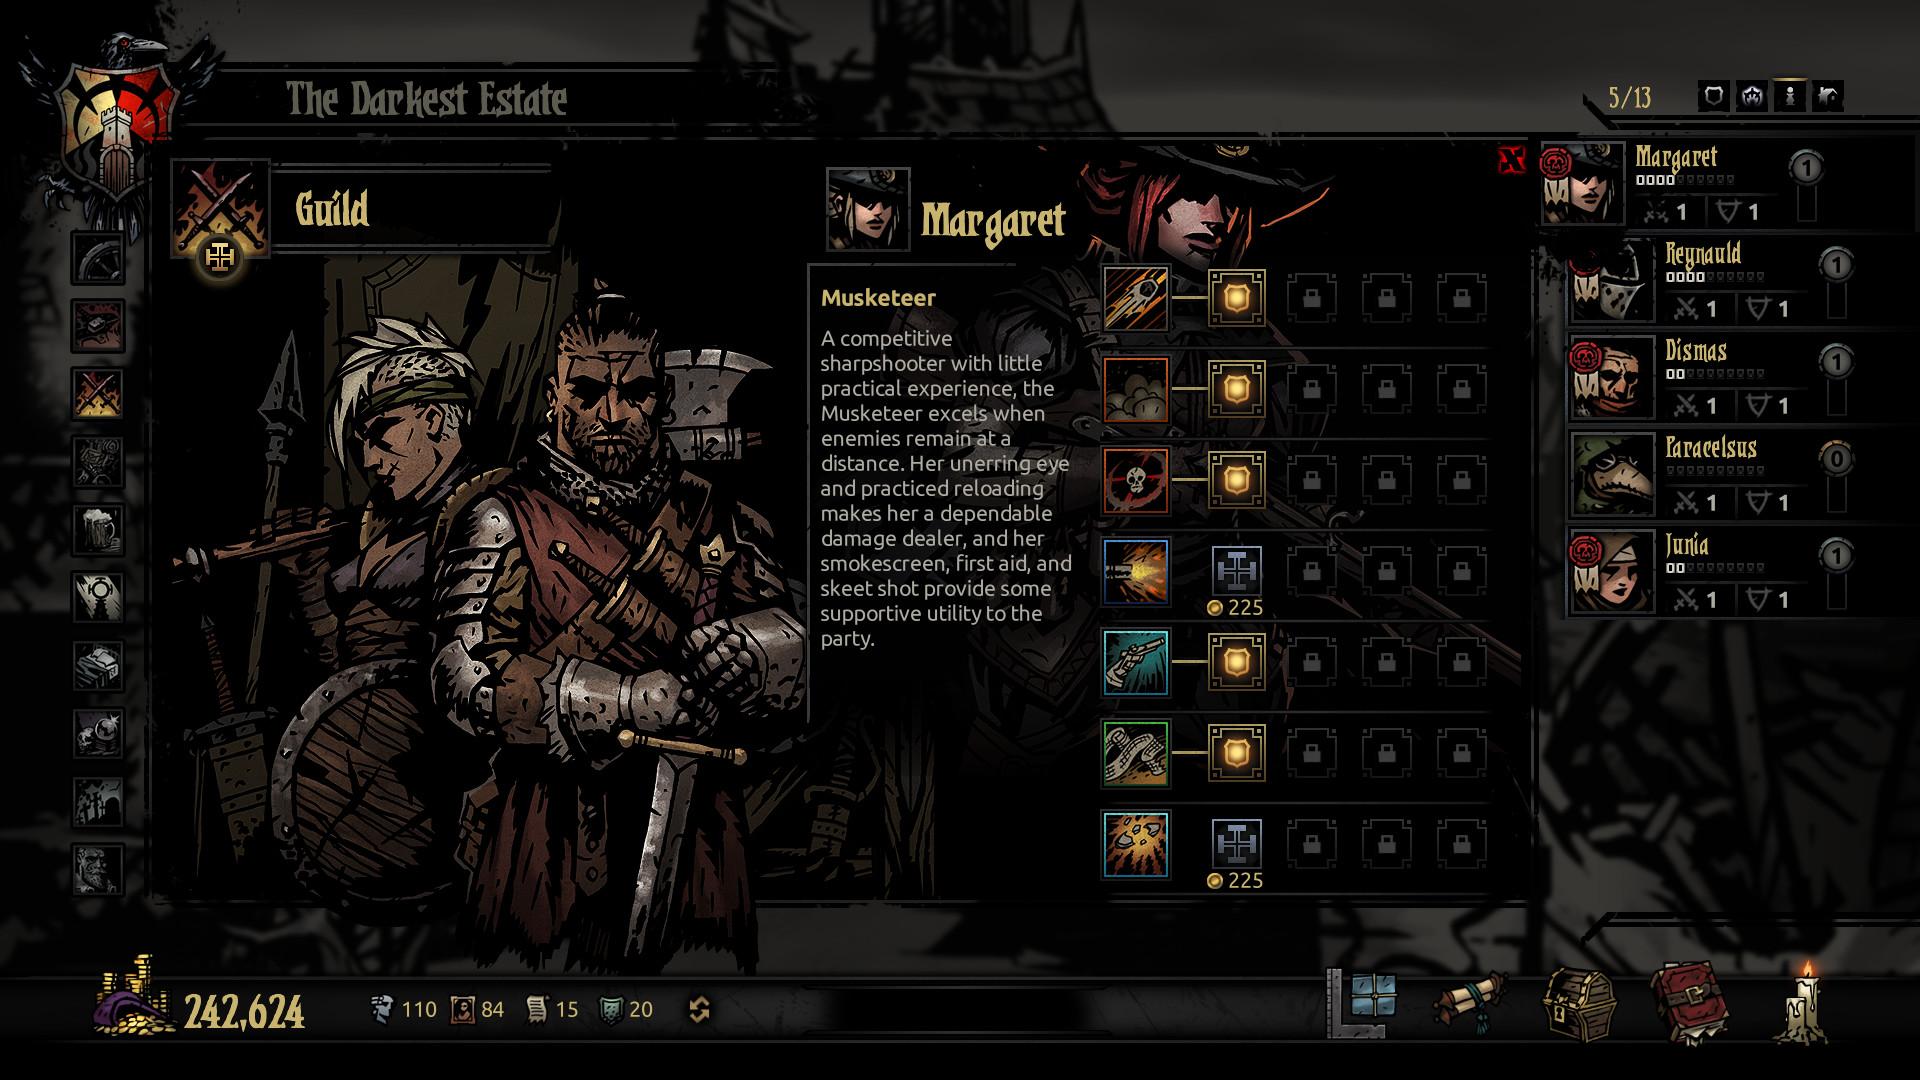 Darkest Dungeon Musketeer